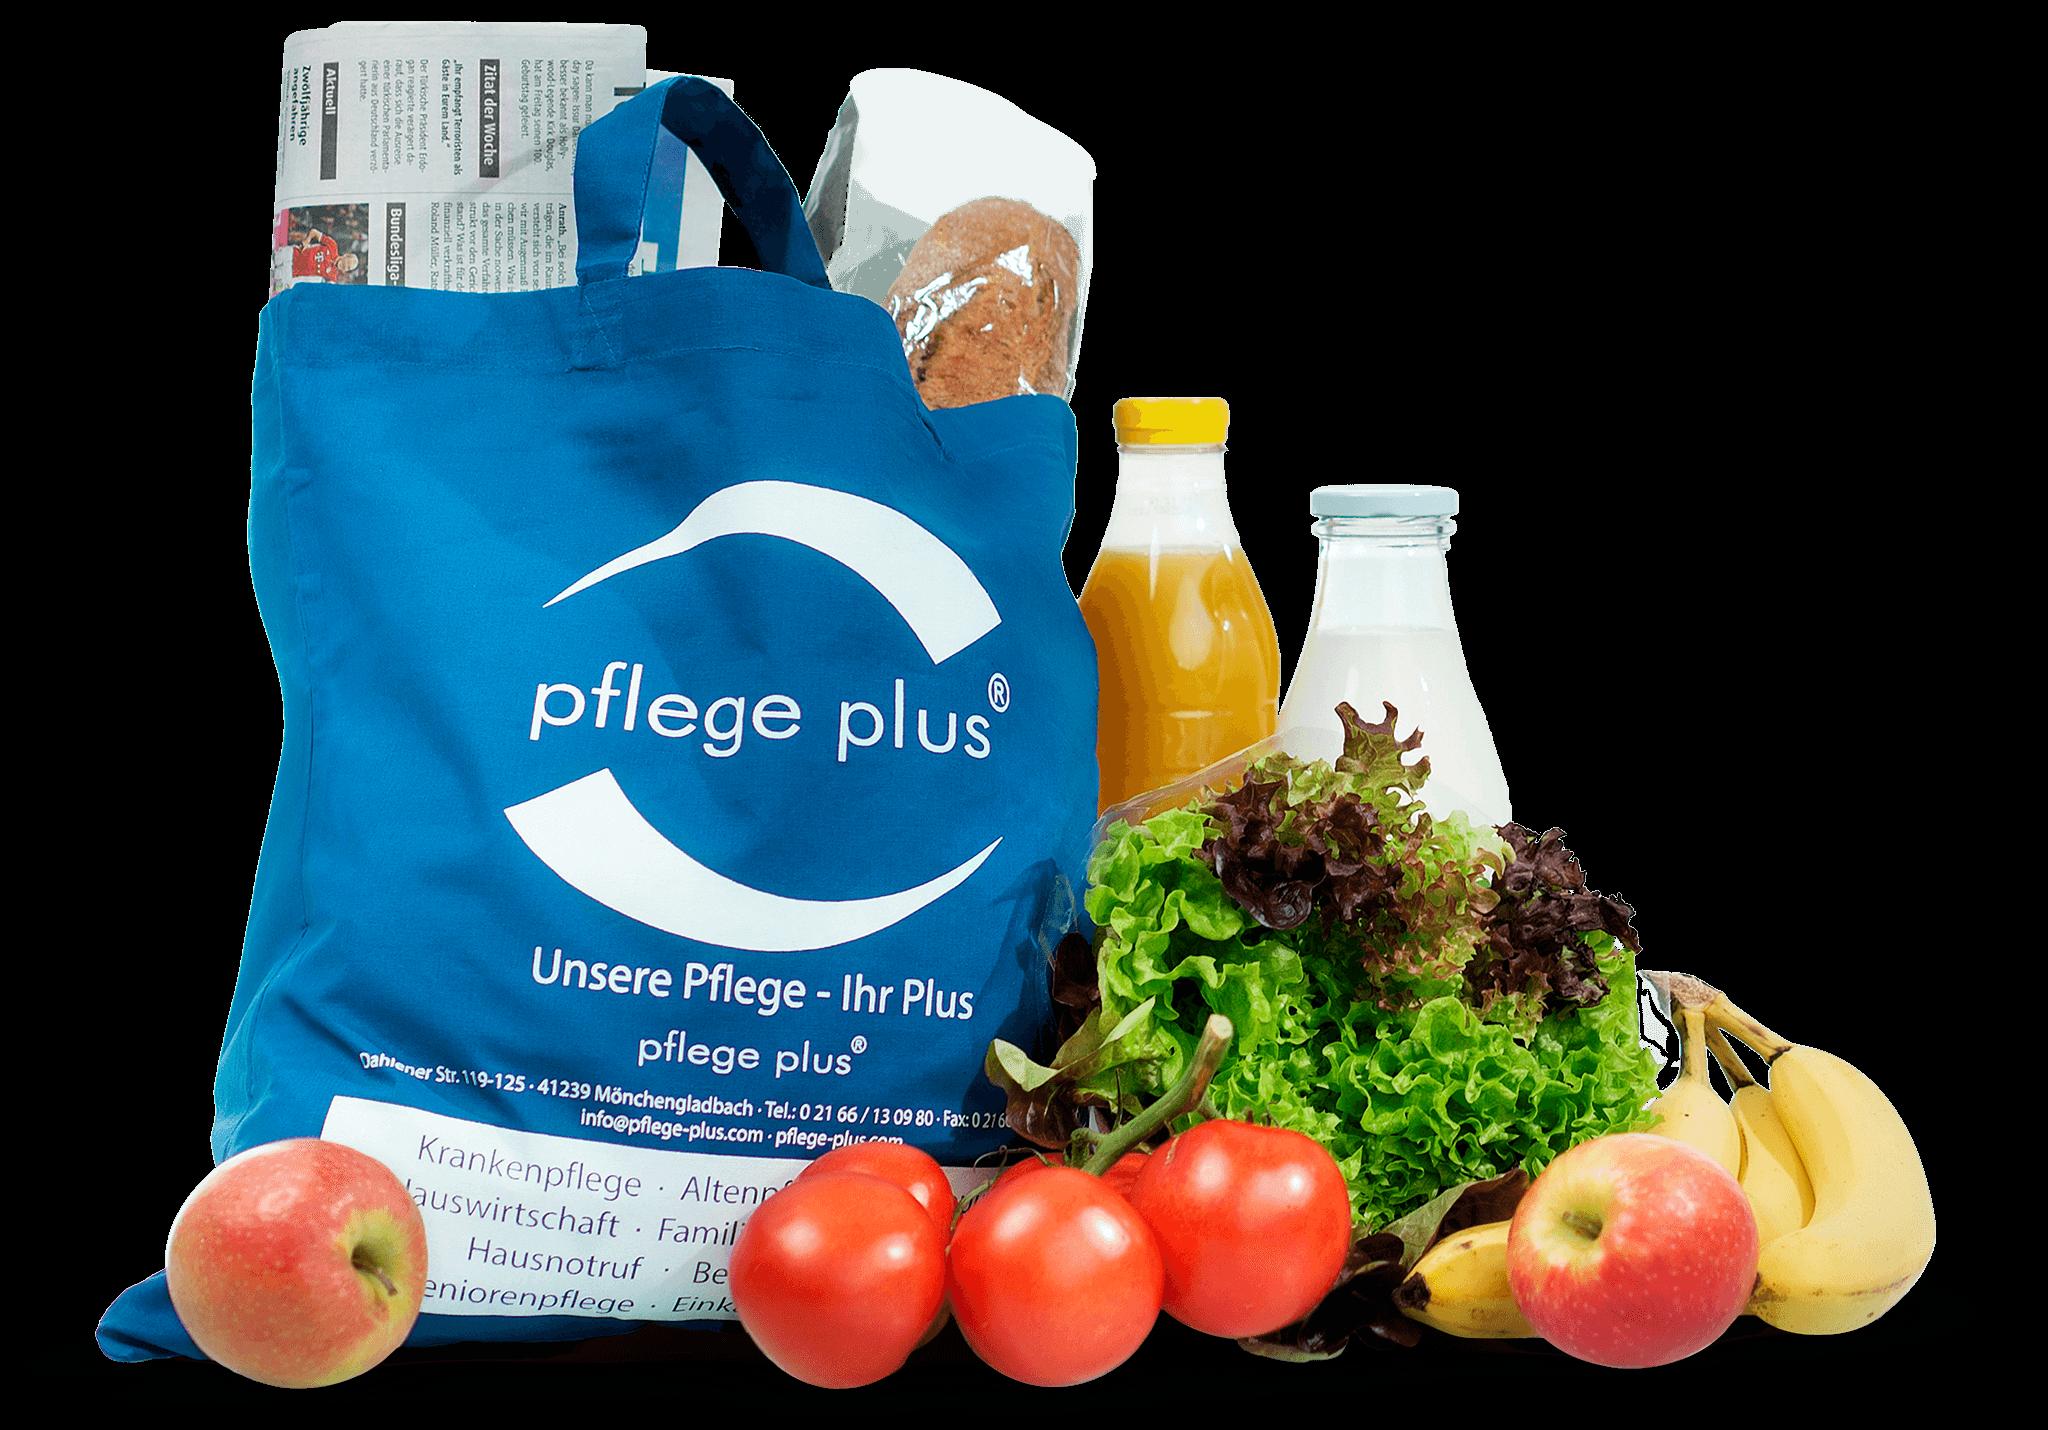 pflege plus Einkaufstasche mit Lebensmittel